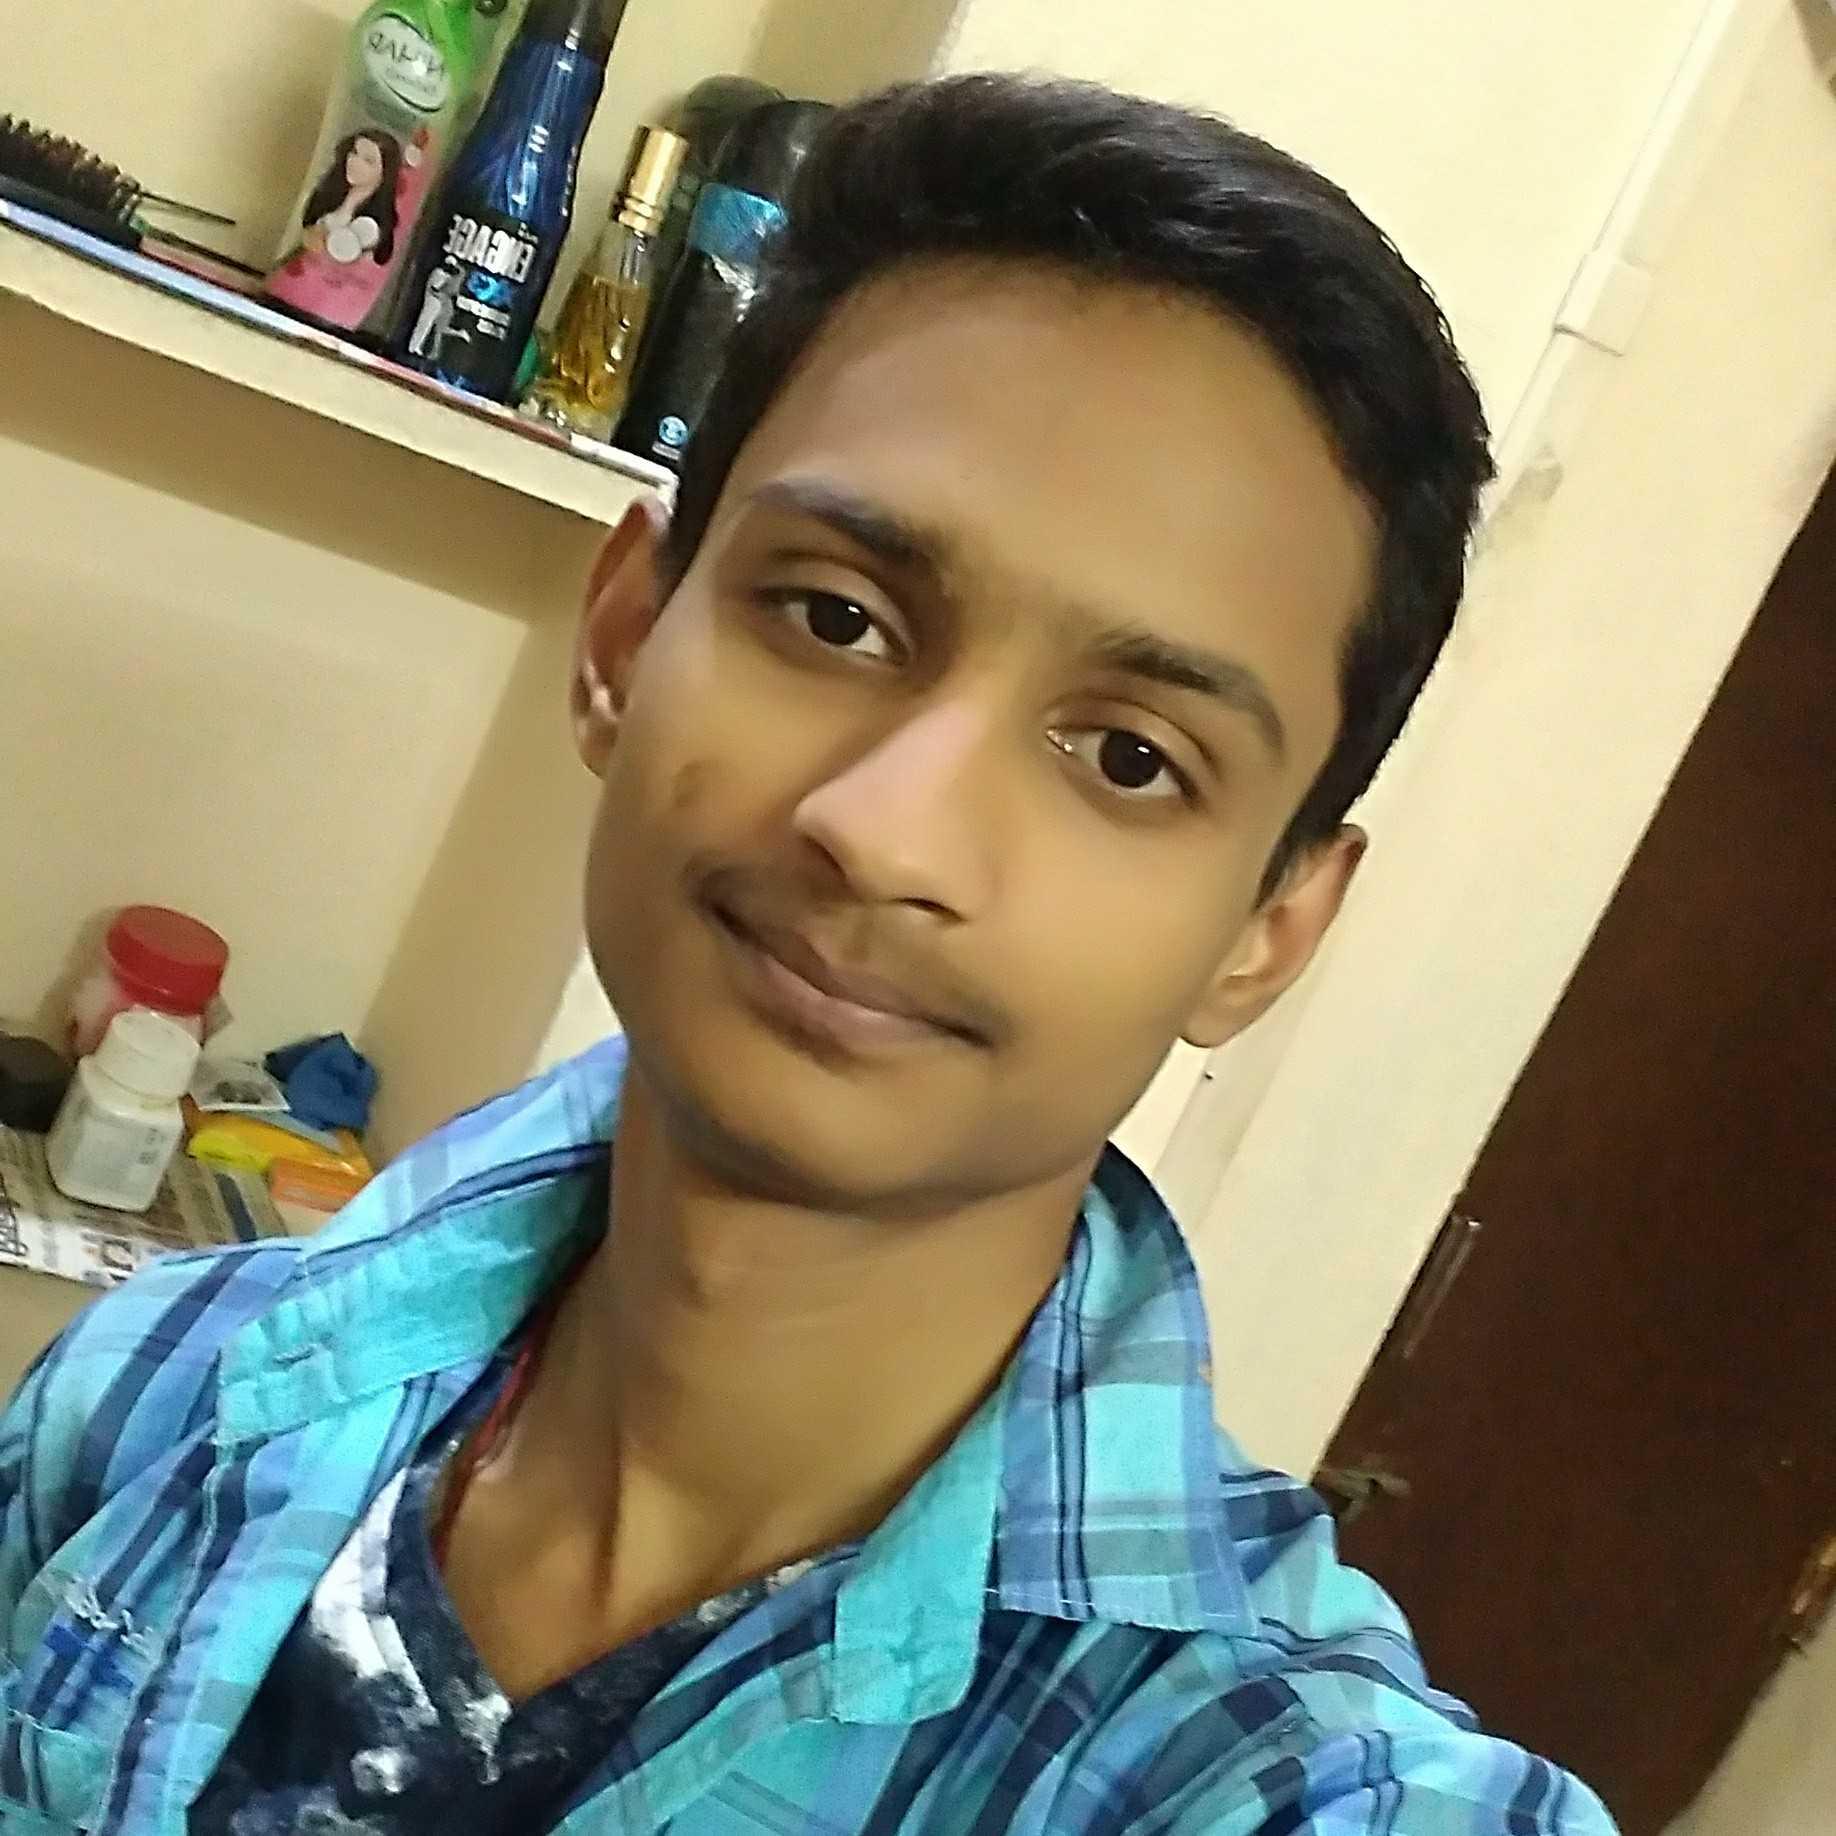 Amit Kumar kis kis ko #safai du....bas #bura hu sidhi baat......